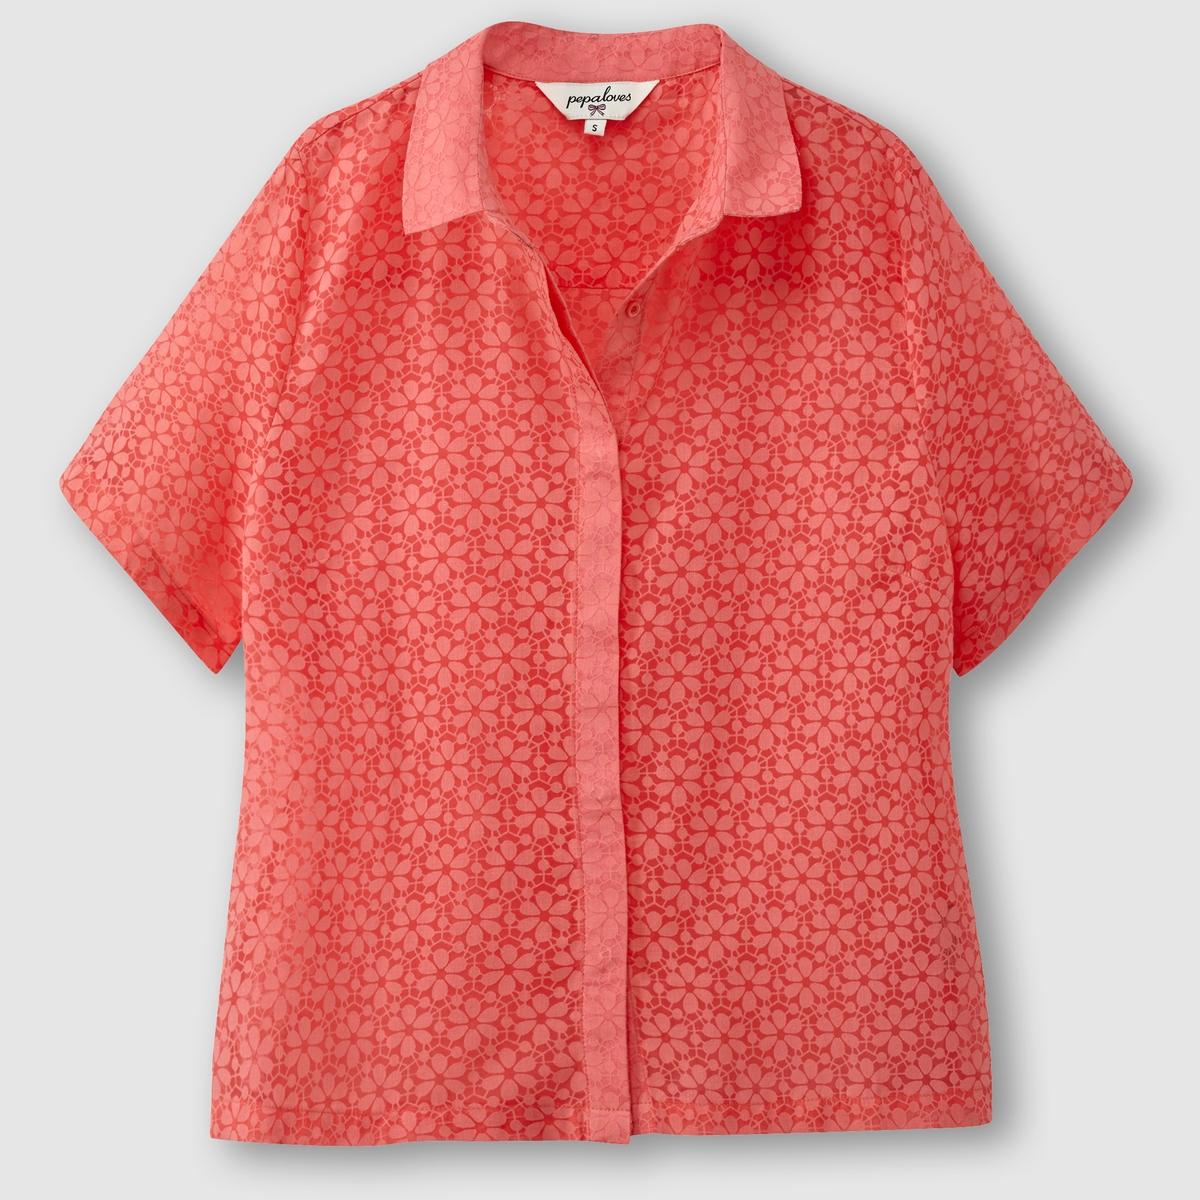 Рубашка с короткими рукавамиСостав и описаниеМатериал: 50% хлопка, 50% полиэстера.Длина: 52 см.Марка: PEPALOVESУход:Машинная стирка при 30°C с вещами подобных цветов.Машинная сушка запрещена.Гладить в деликатном режиме.<br><br>Цвет: желтый,коралловый<br>Размер: L.L